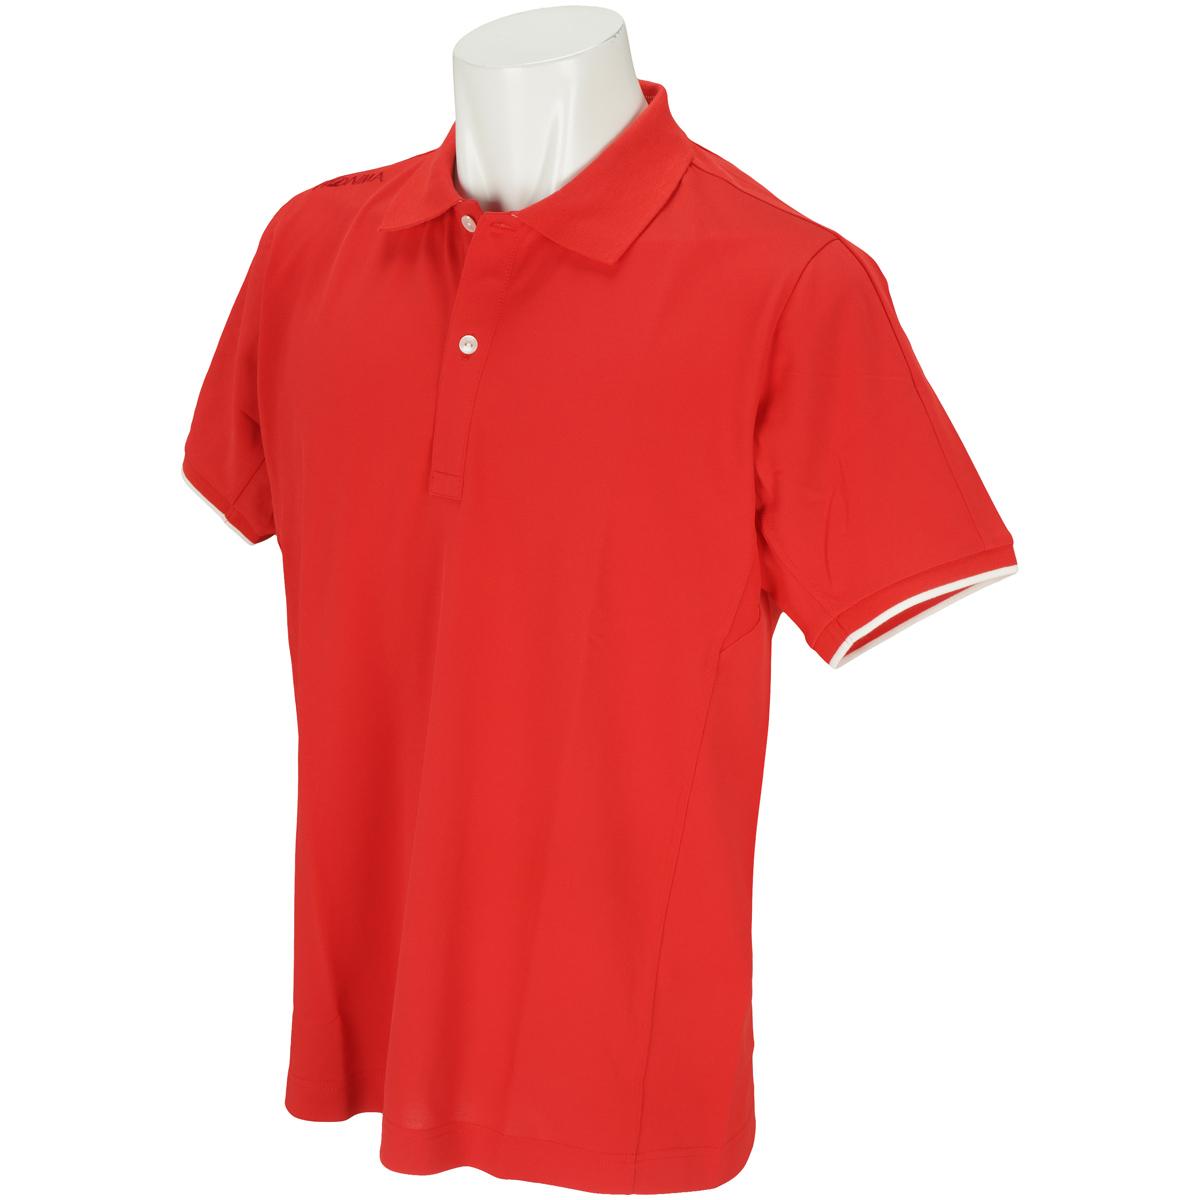 SIGNATURE LINE URBILD4D半袖ポロシャツ